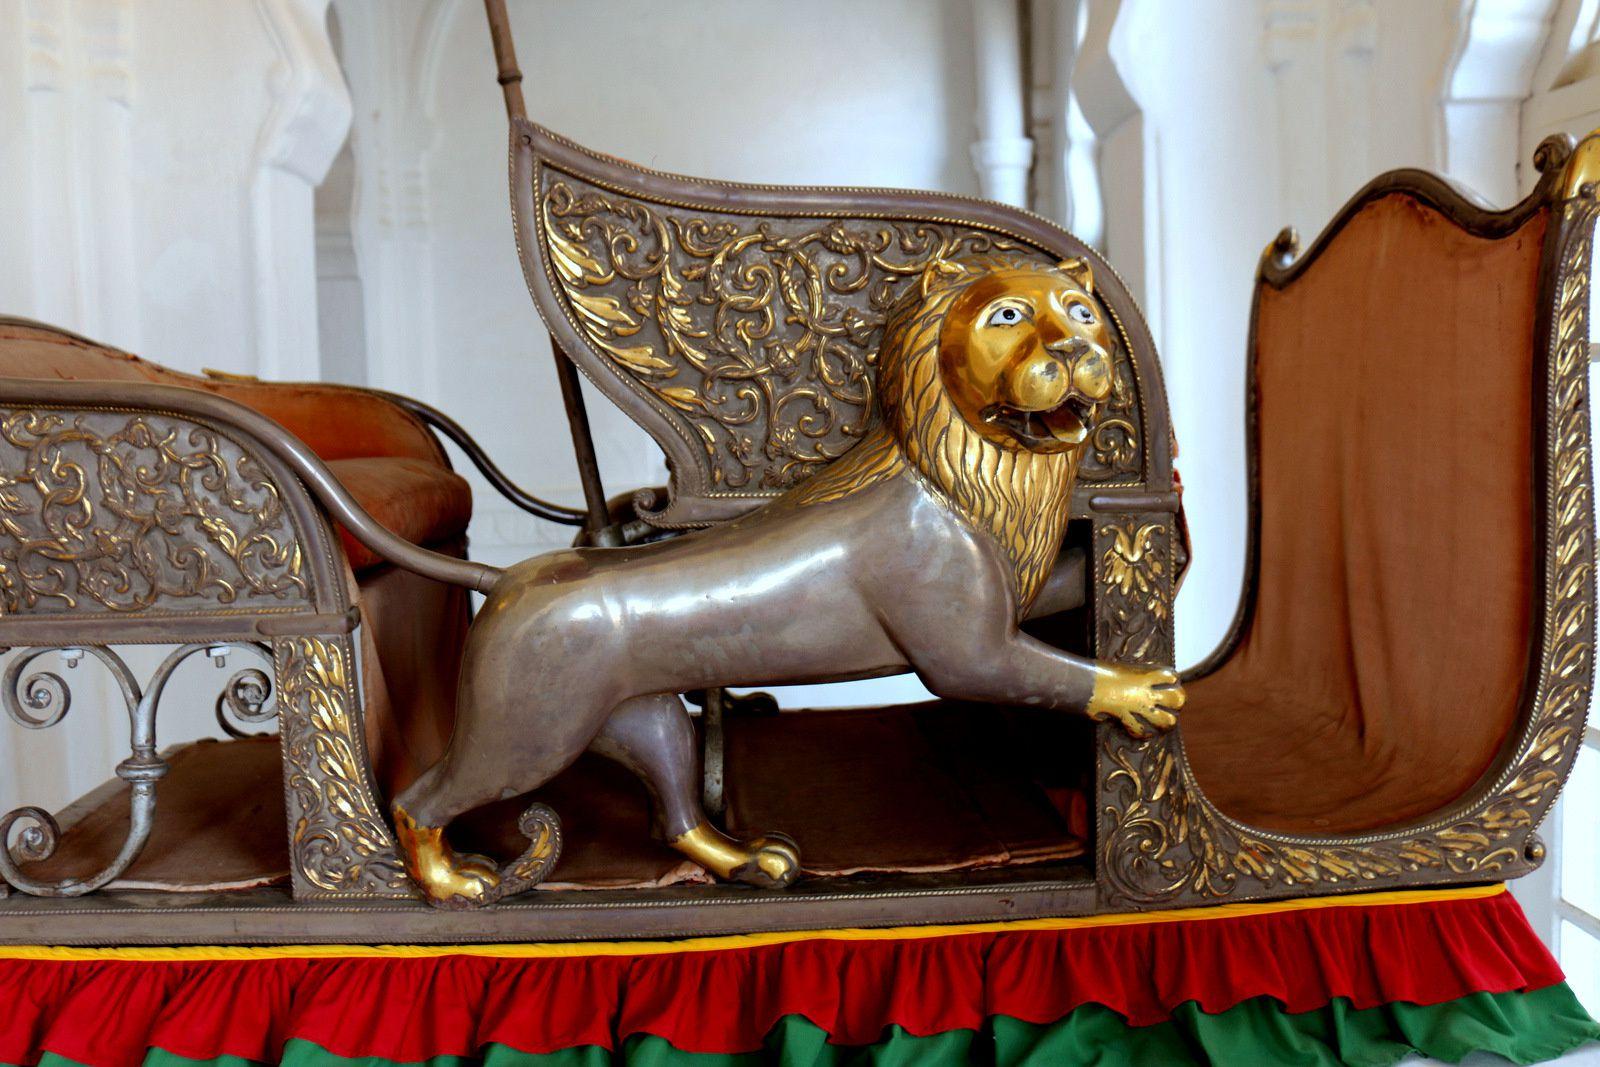 Sièges d'éléphant (howdah), musée de Mehrangarh (Jodhpur, Inde)